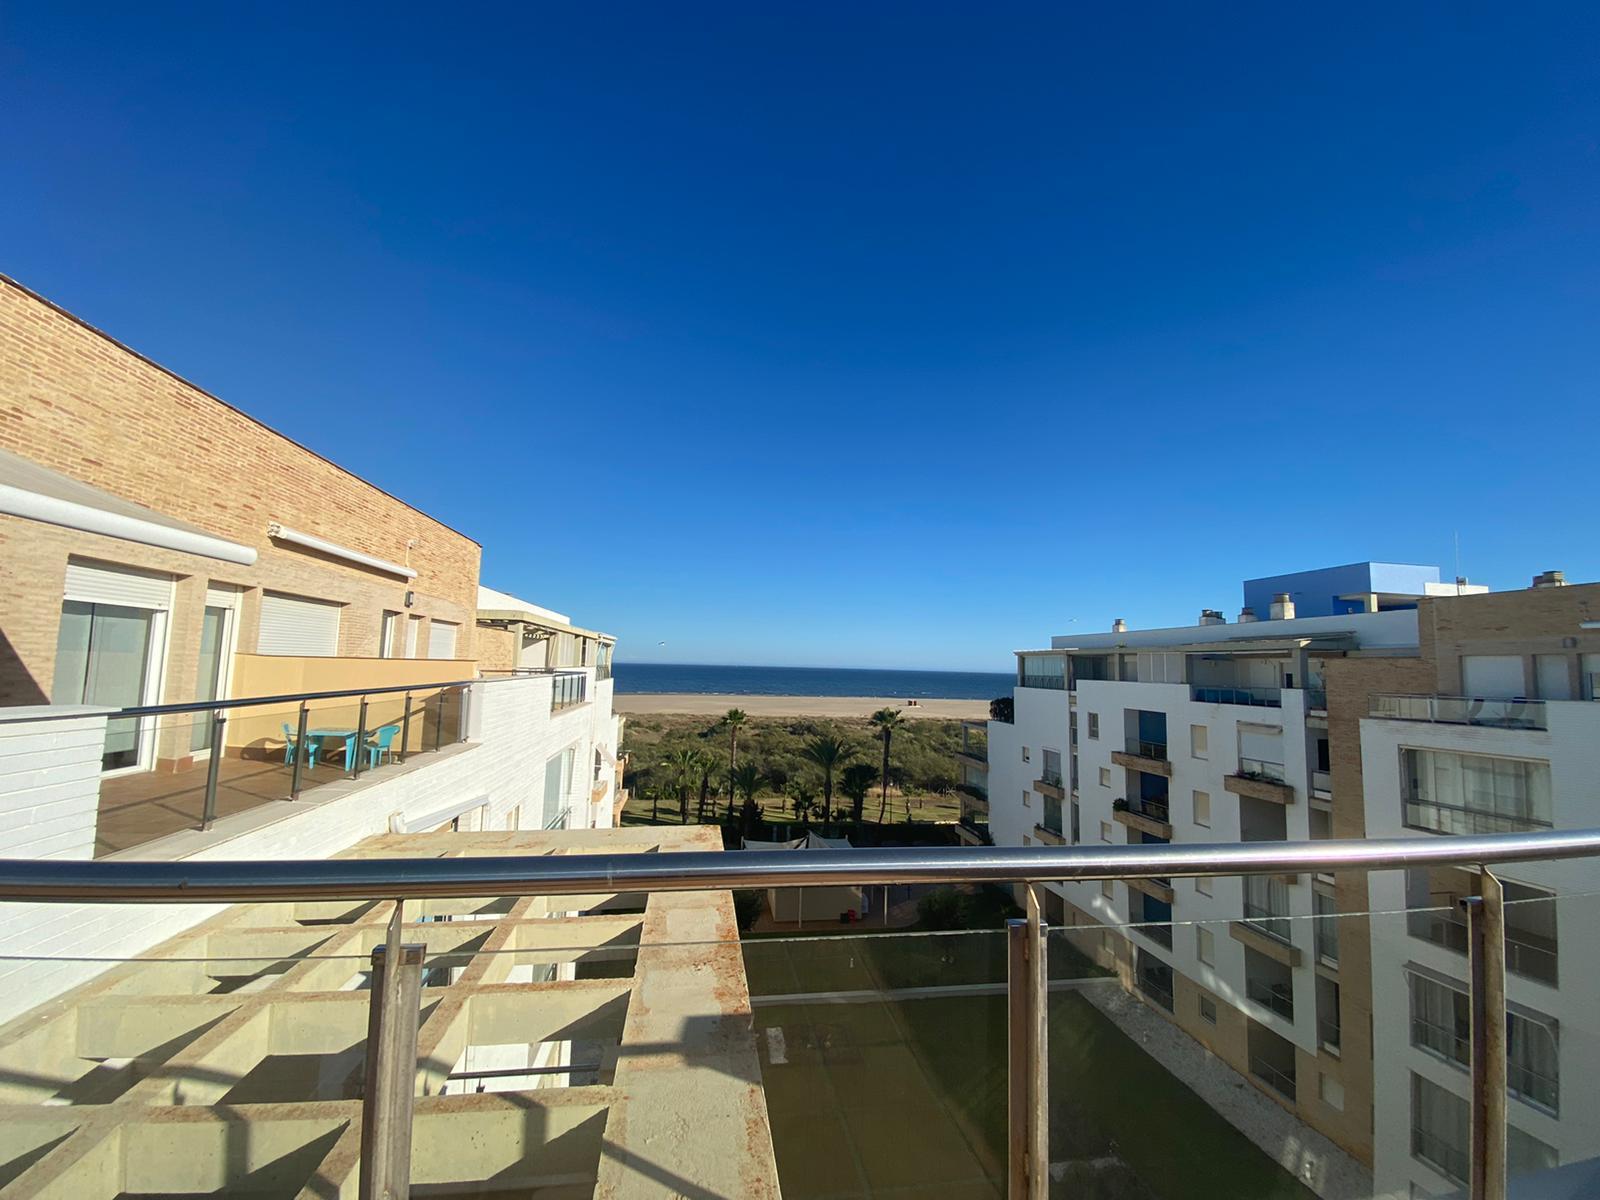 Imagen 37 del Apartamento Turístico, Ático 7 Levante (3d +2b), Punta del Moral (HUELVA), Paseo de la Cruz nº22